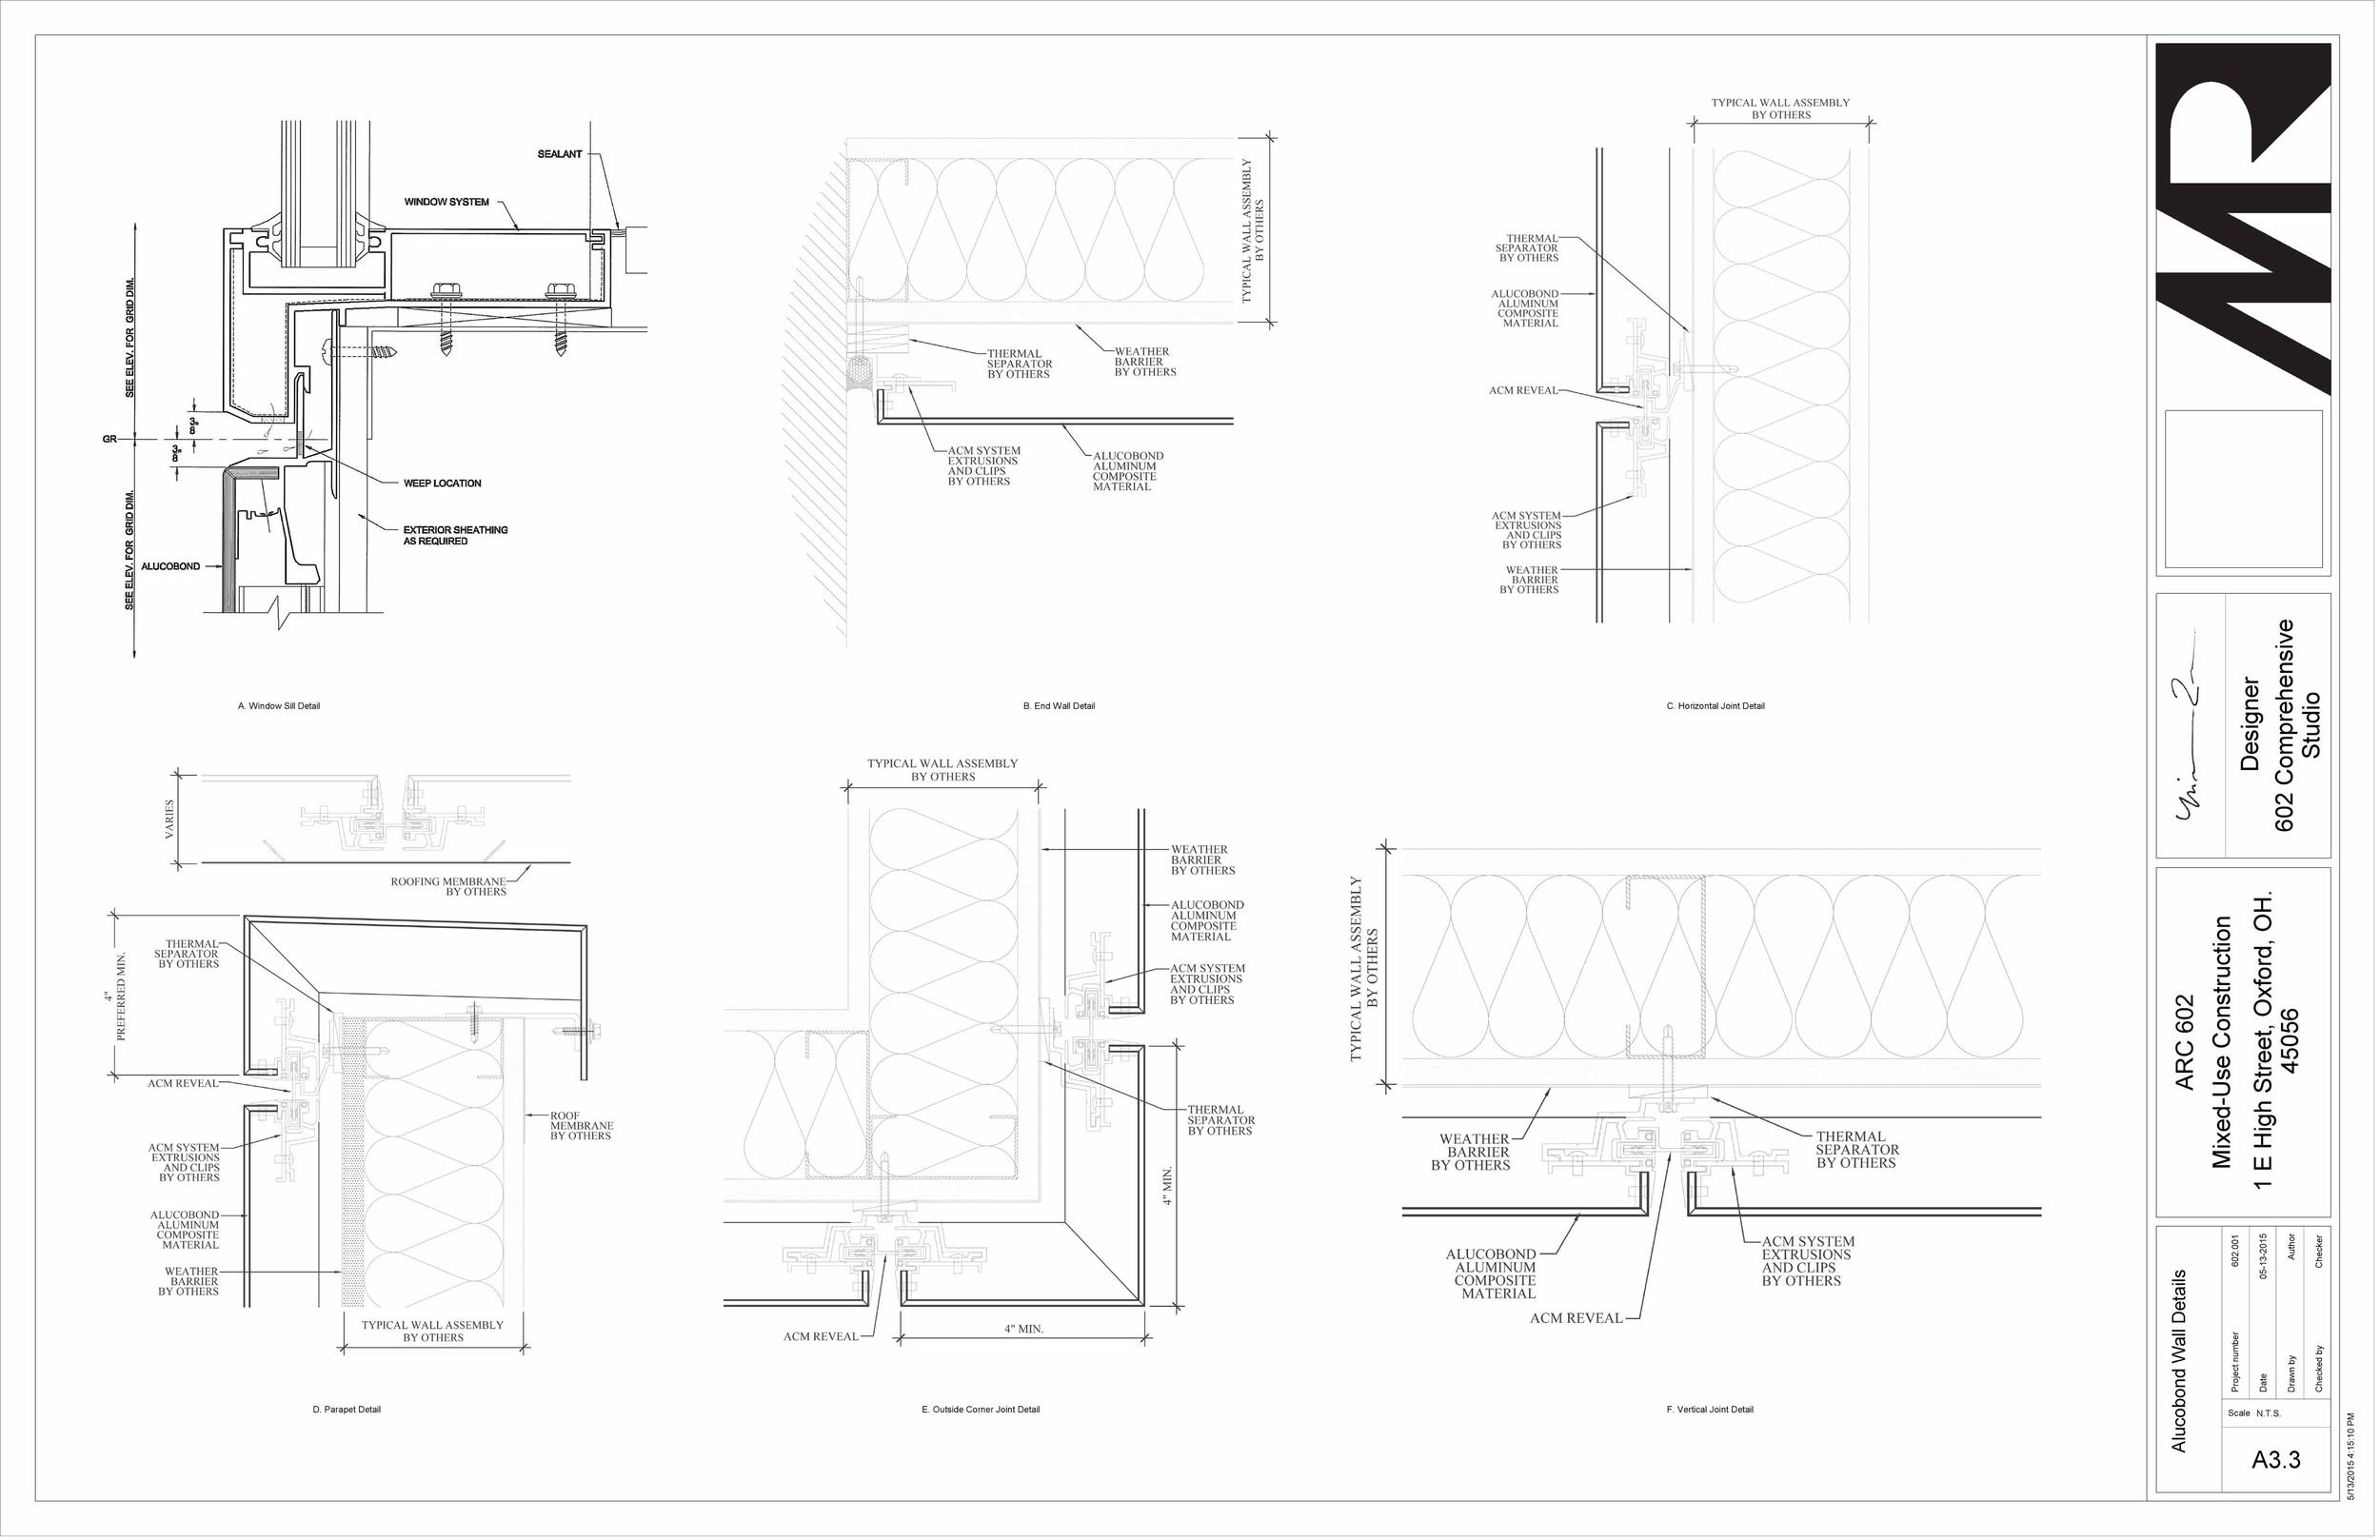 602 Studio - Sheet - A3-3 - Alucobond Wall Details.jpg